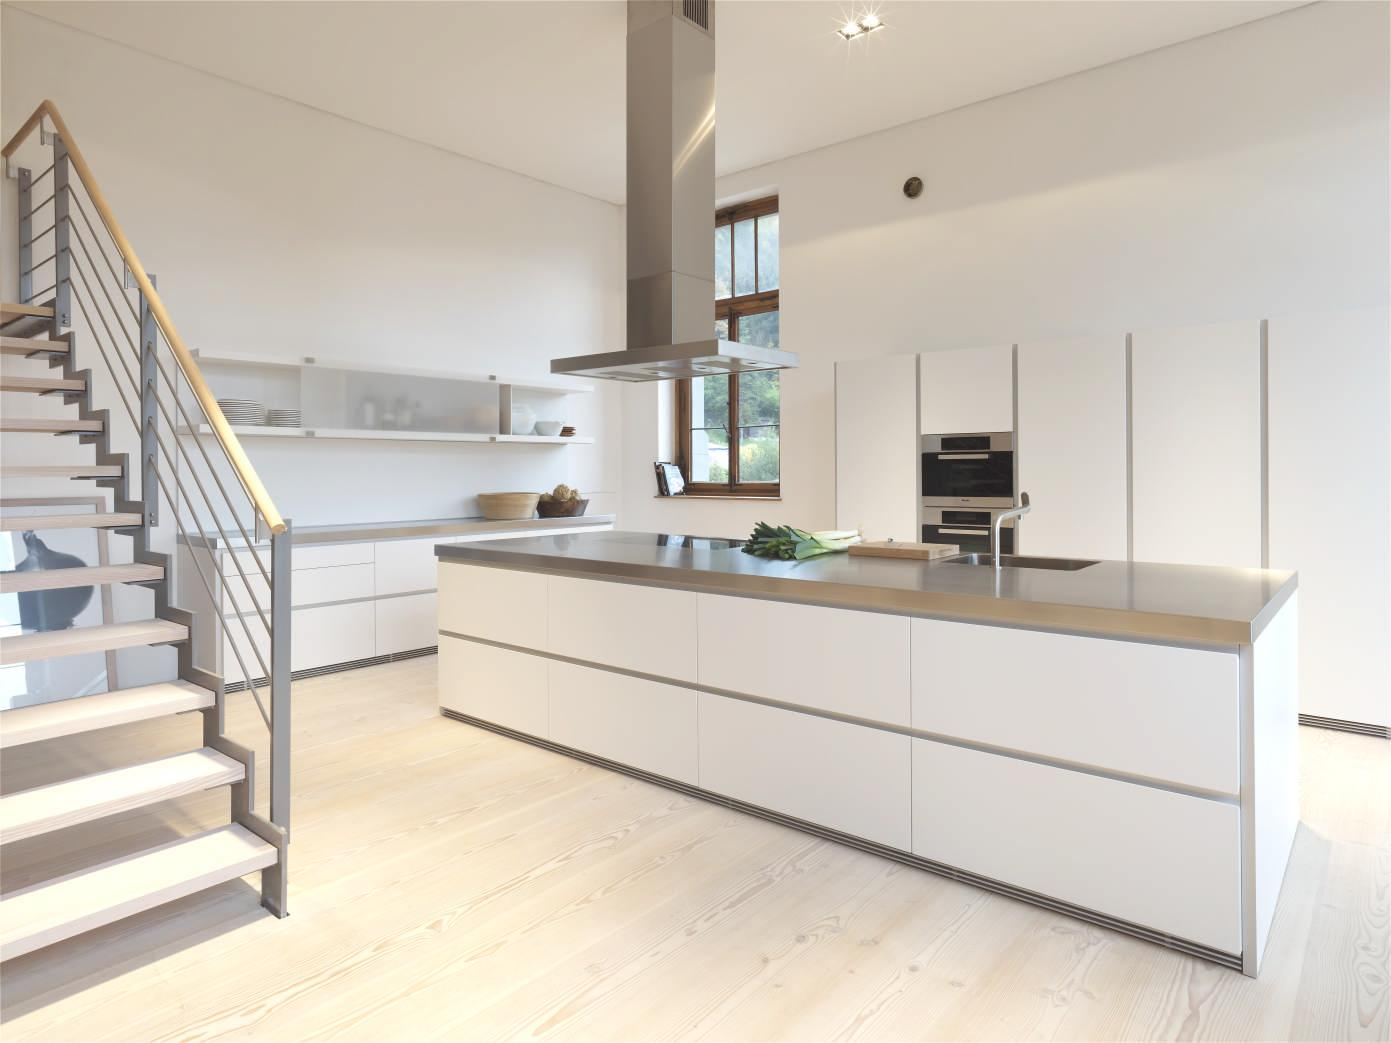 bulthaup #b1 #küche #kücheninsel #küchenschrank ©Bul...